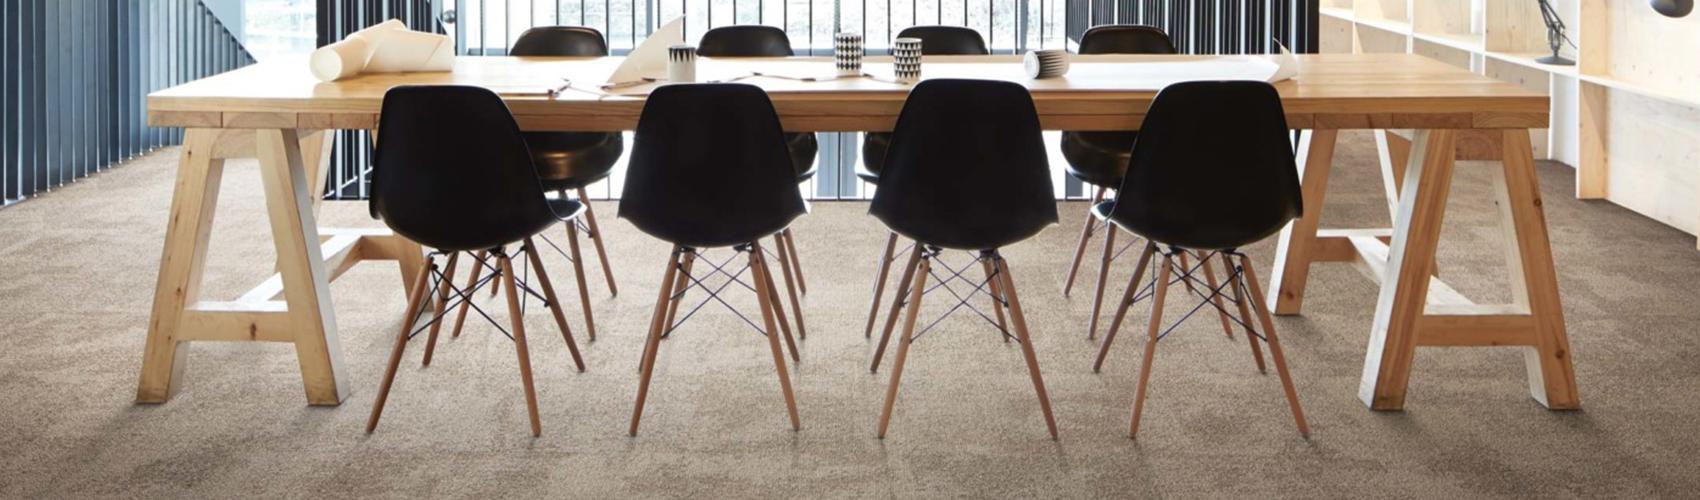 שטיחים למשרדים - קולקציית composure | אינובייט